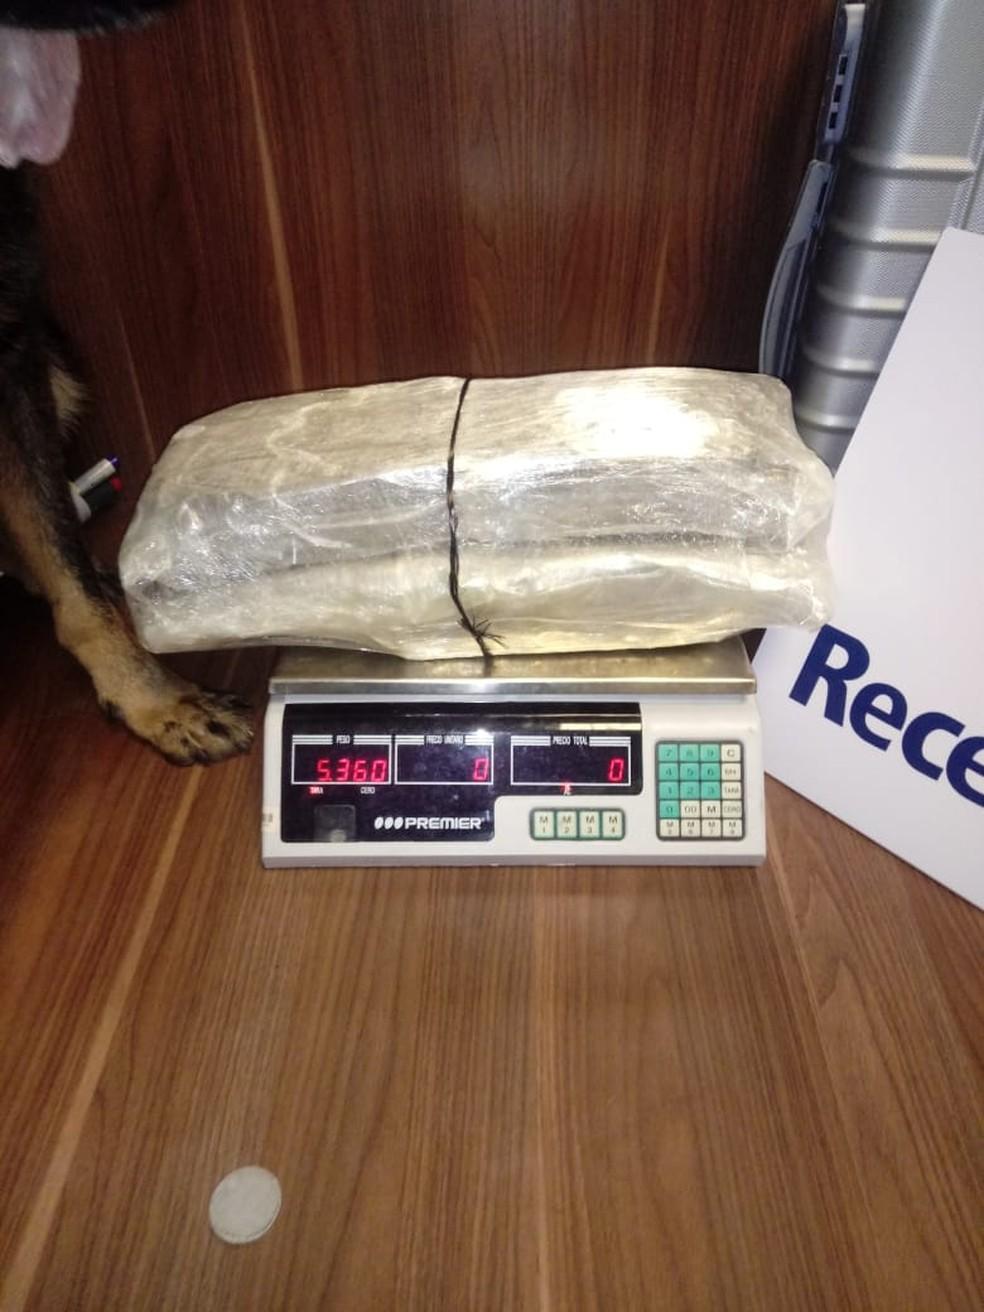 Receita Federal em Manaus apreende R$ 1,3 milhão em mercadorias e 44 kg em drogas ilícitas — Foto: Divulgação/Receita Federal